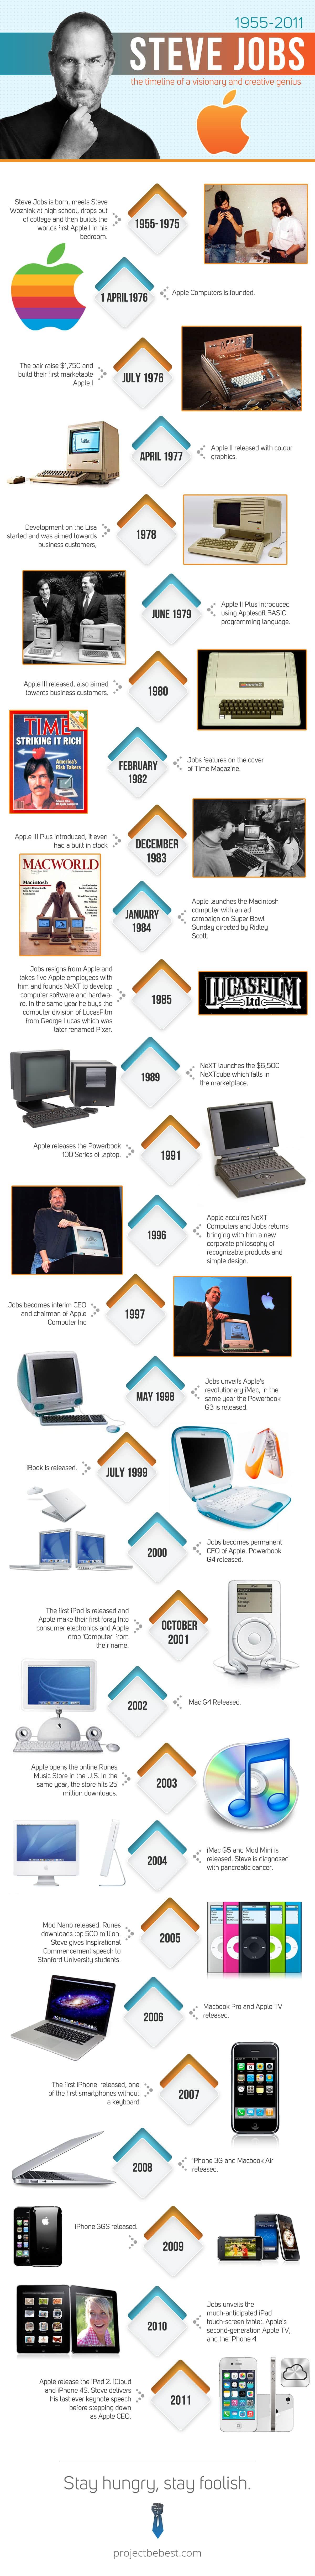 steve jobs timeline infographic